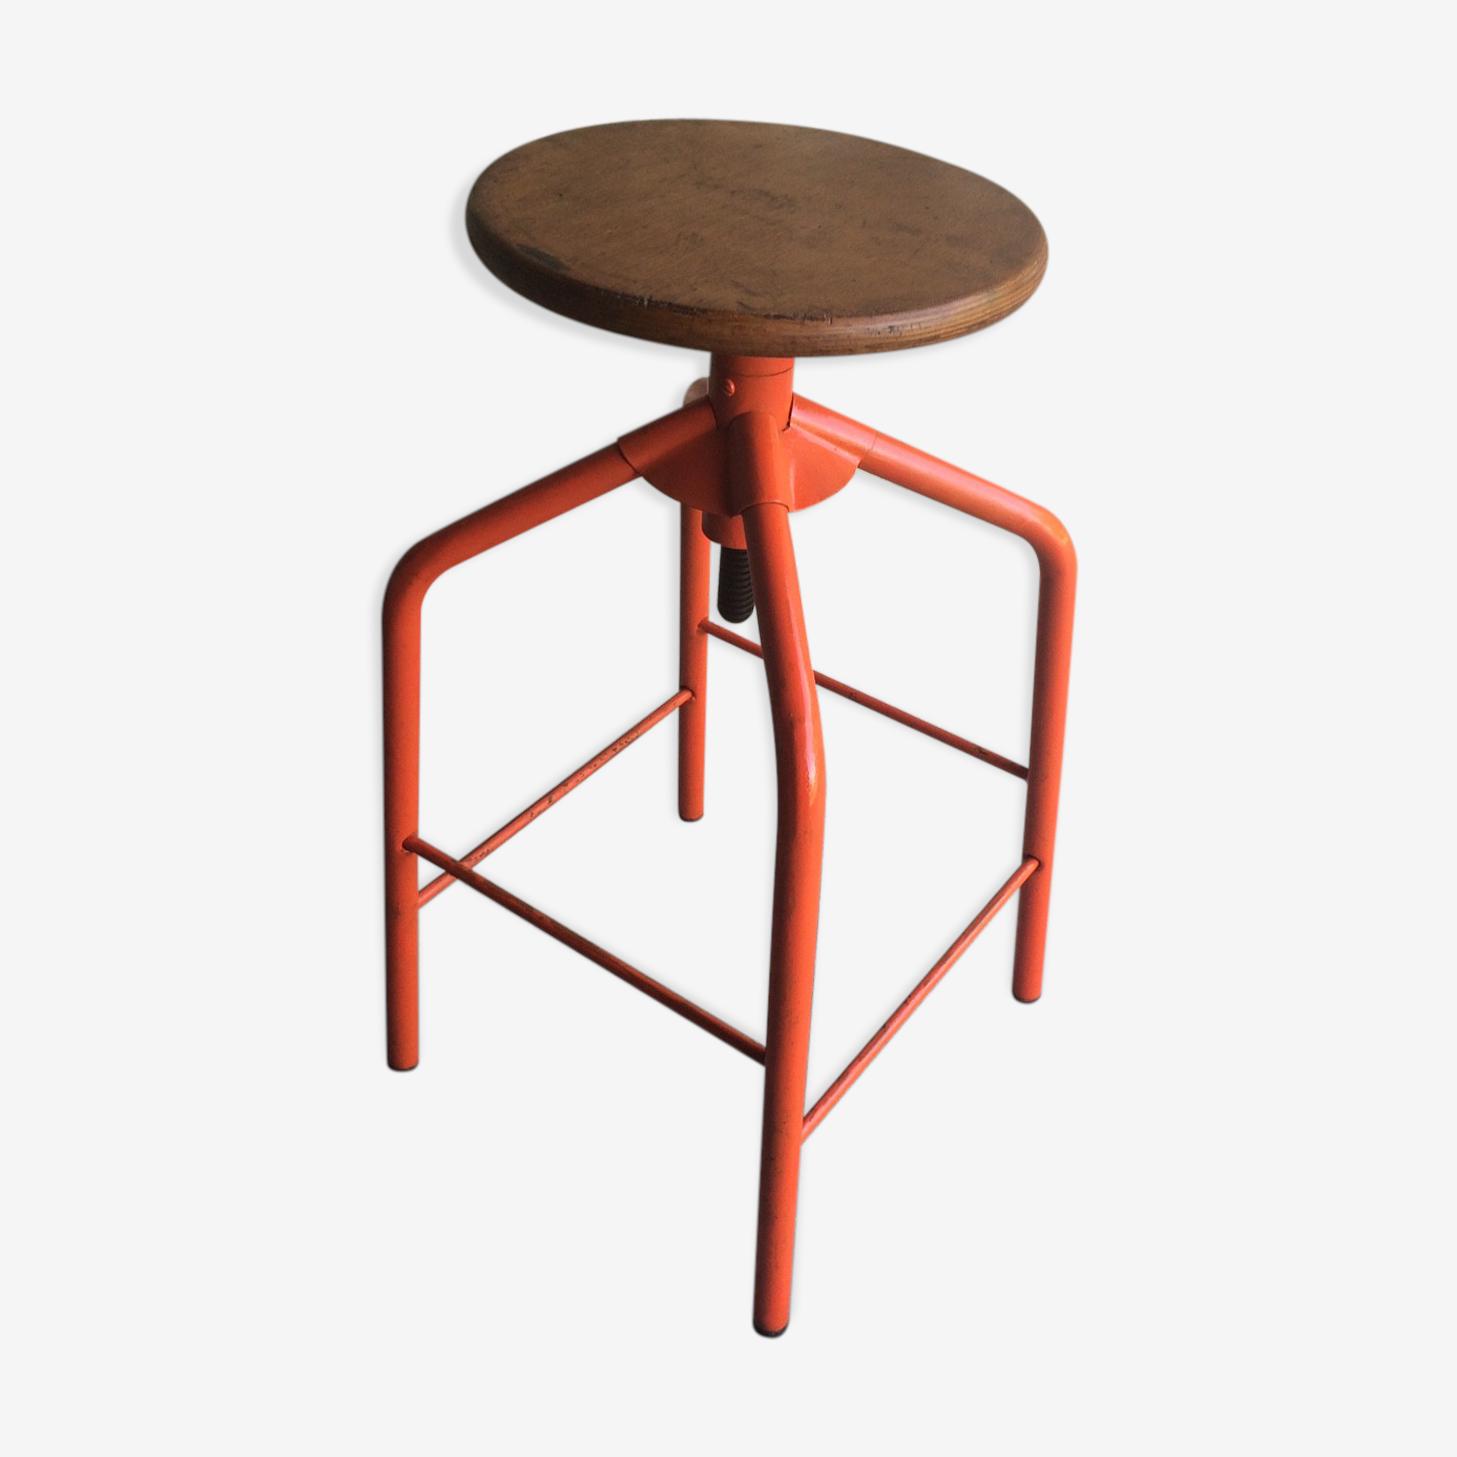 Tabouret industriel, en métal et bois avec assise pivotante des années 70